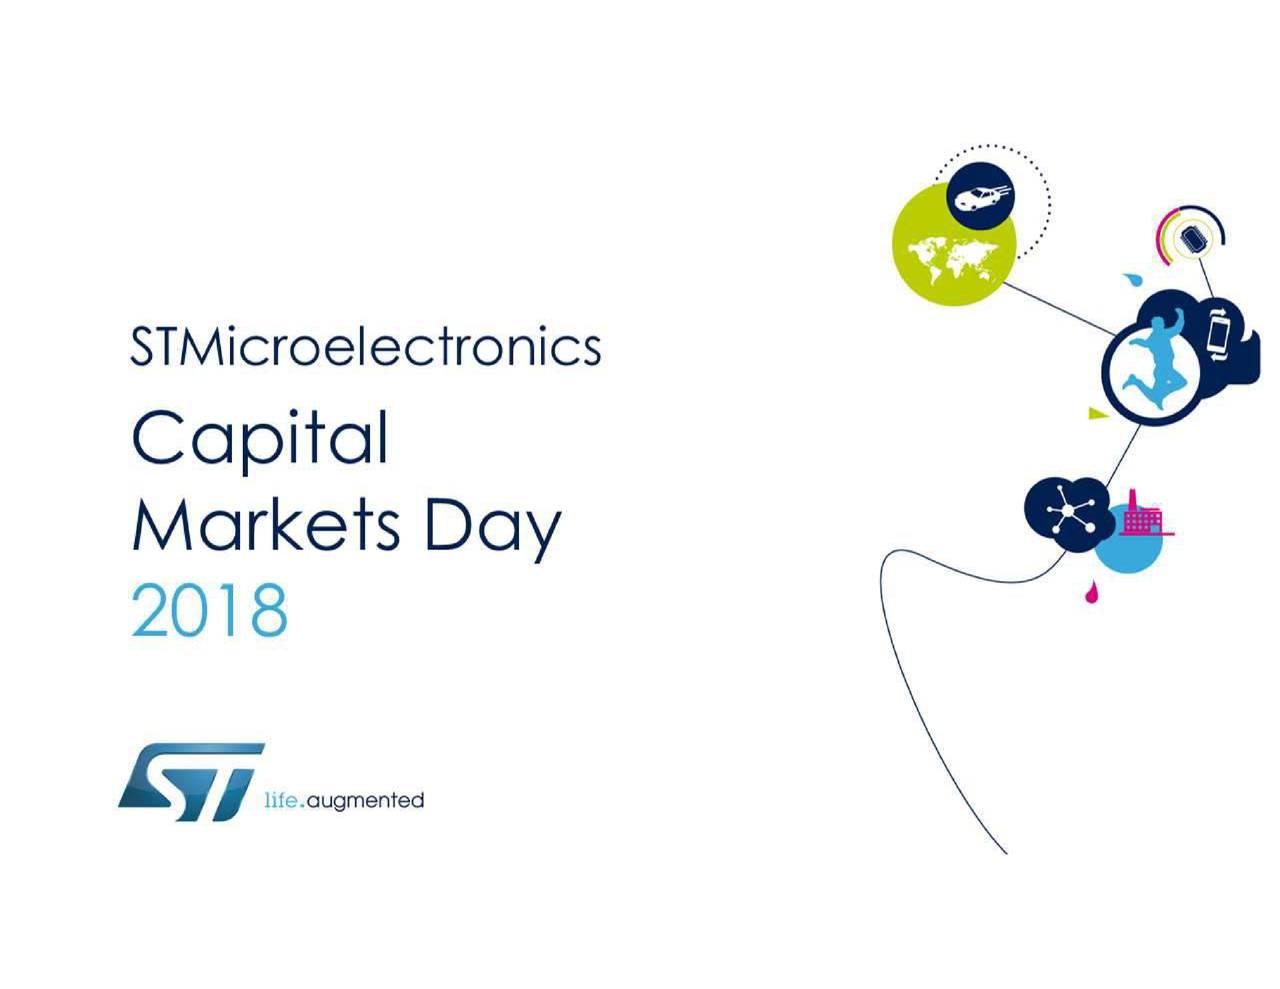 STMicroelectronics (STM) Investor Presentation - Slideshow